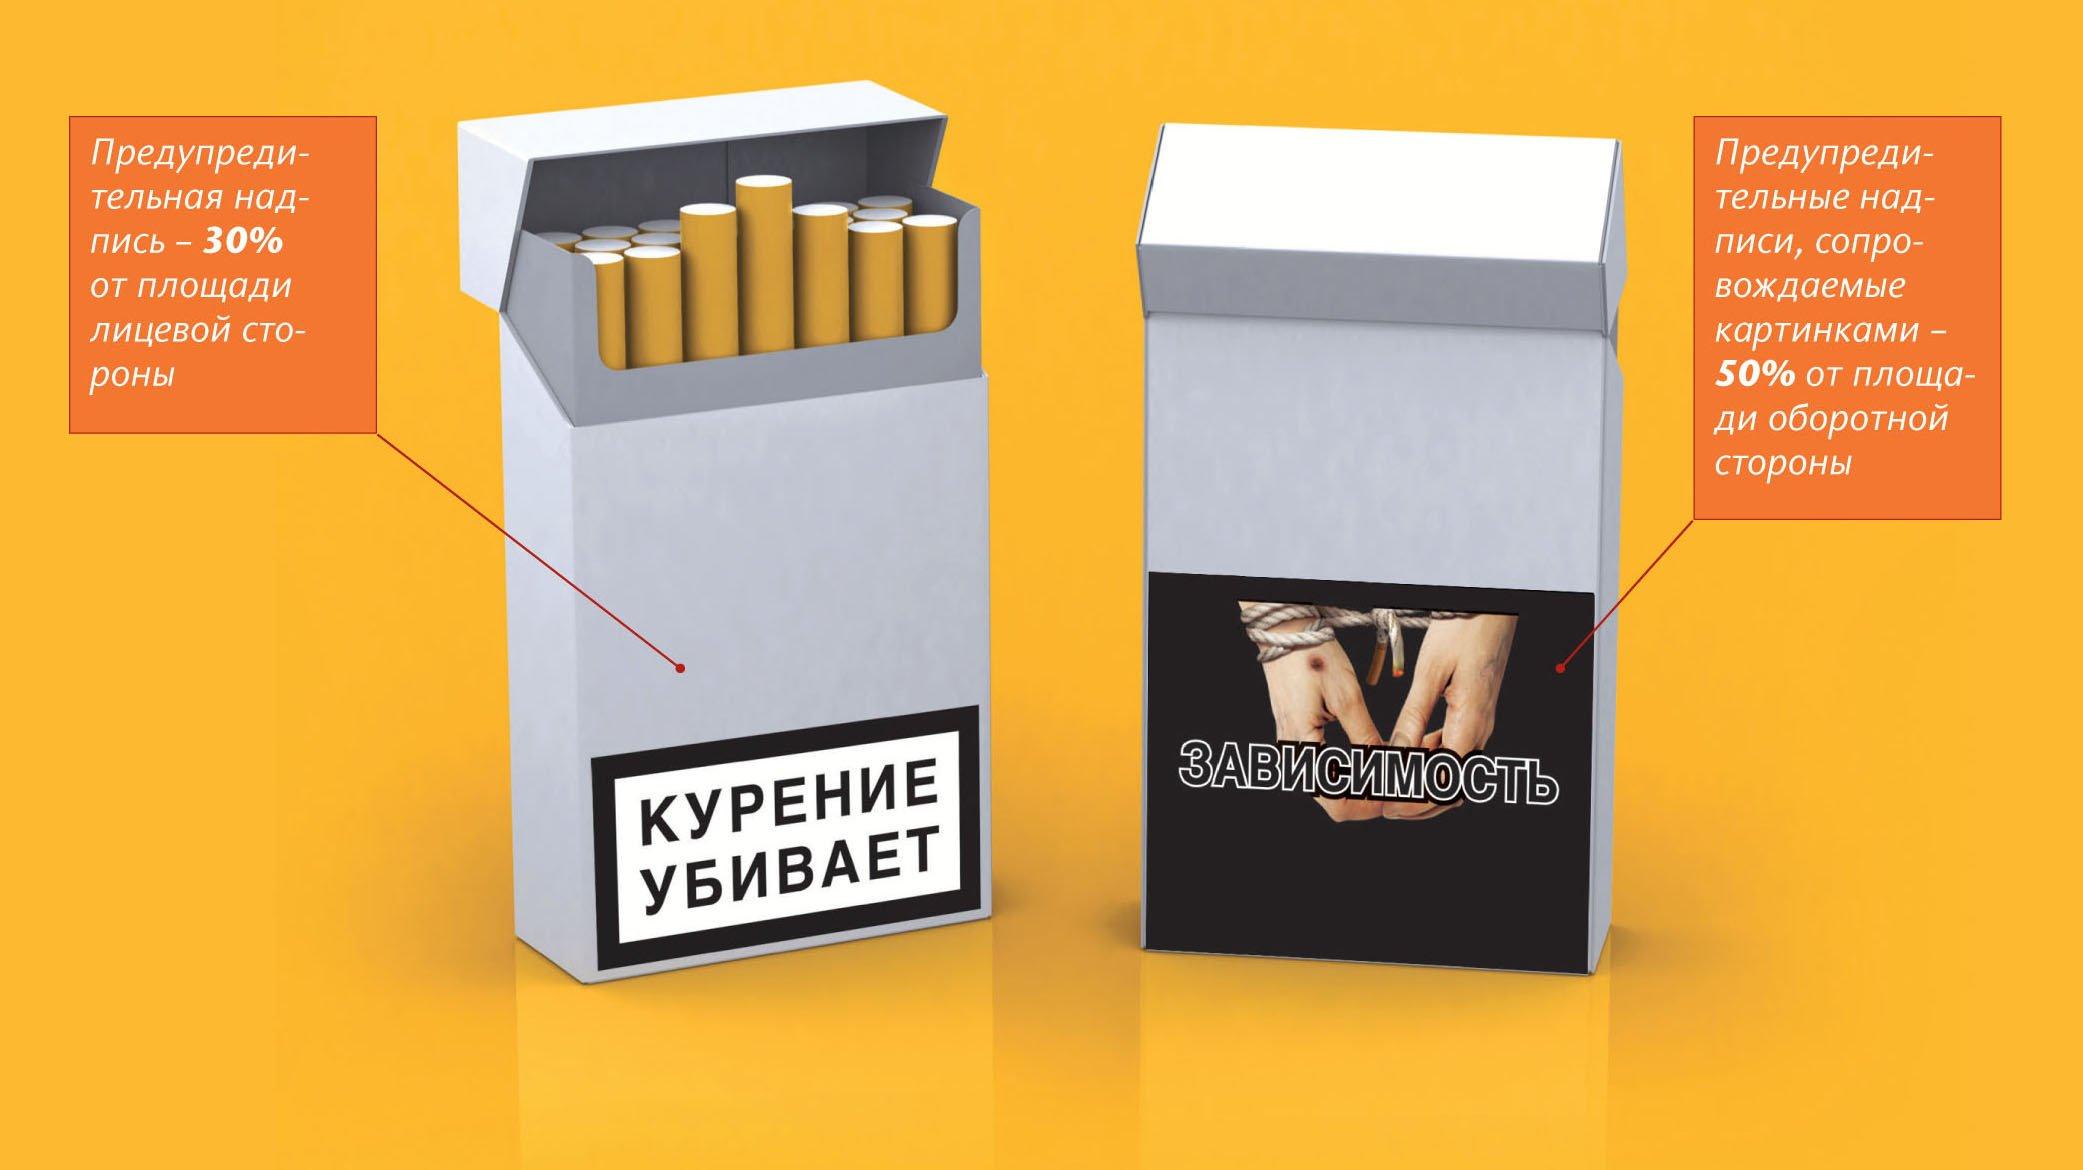 картинки на сигаретах изображения предупреждающие графические предупреждения страшные курение вредит здоровью исследование наука новости отвратительные мужики